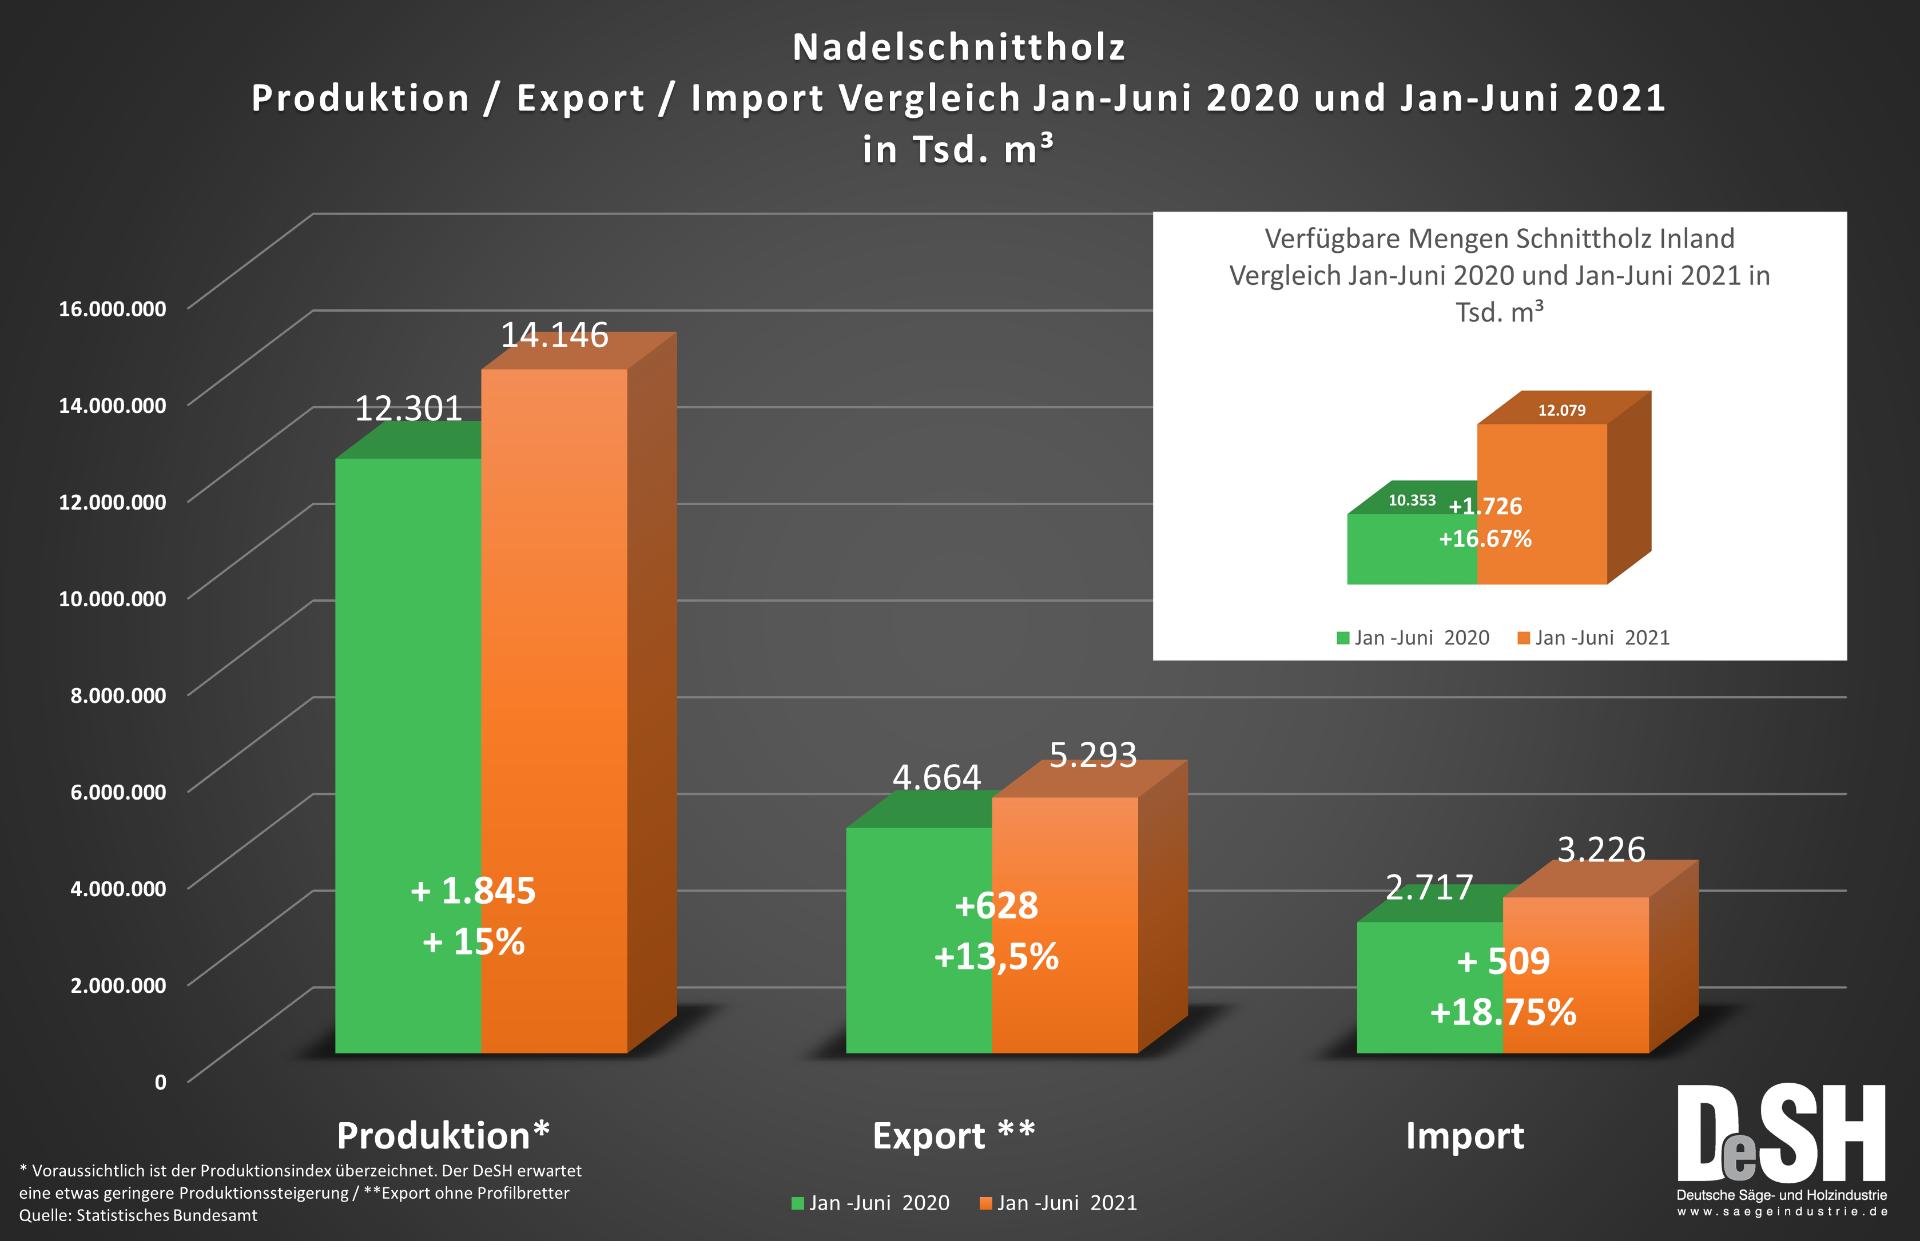 Nadelschnittholzproduktion Vergleich Jan-Juni 2020 und 2021.png